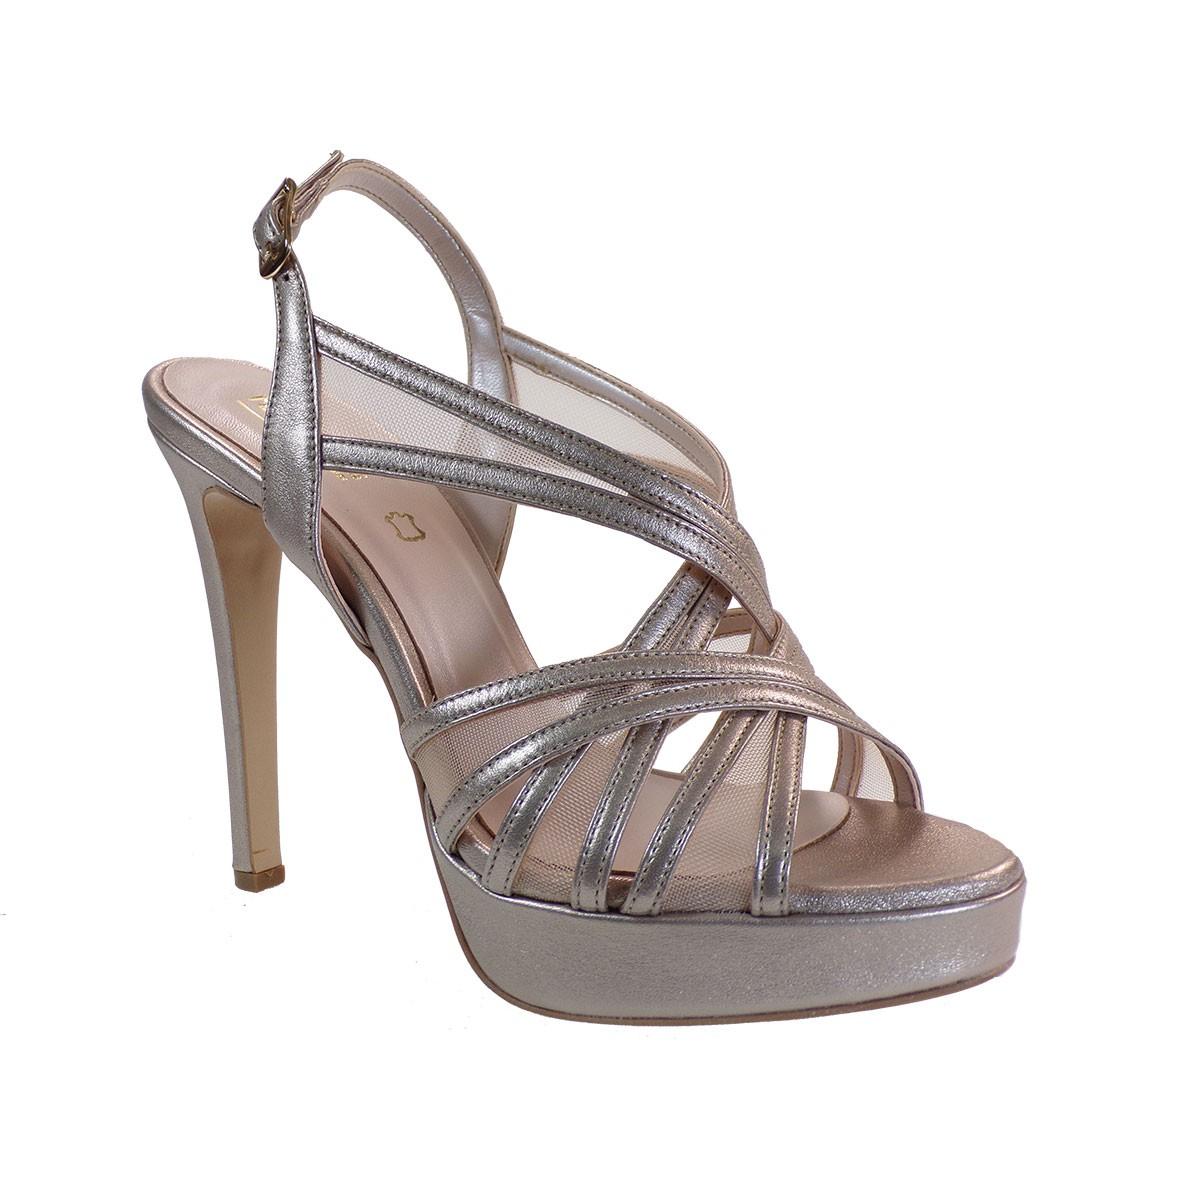 Fardoulis shoes Γυναικεία Παπούτσια Πέδιλα 3044Λ Άμμος Δέρμα